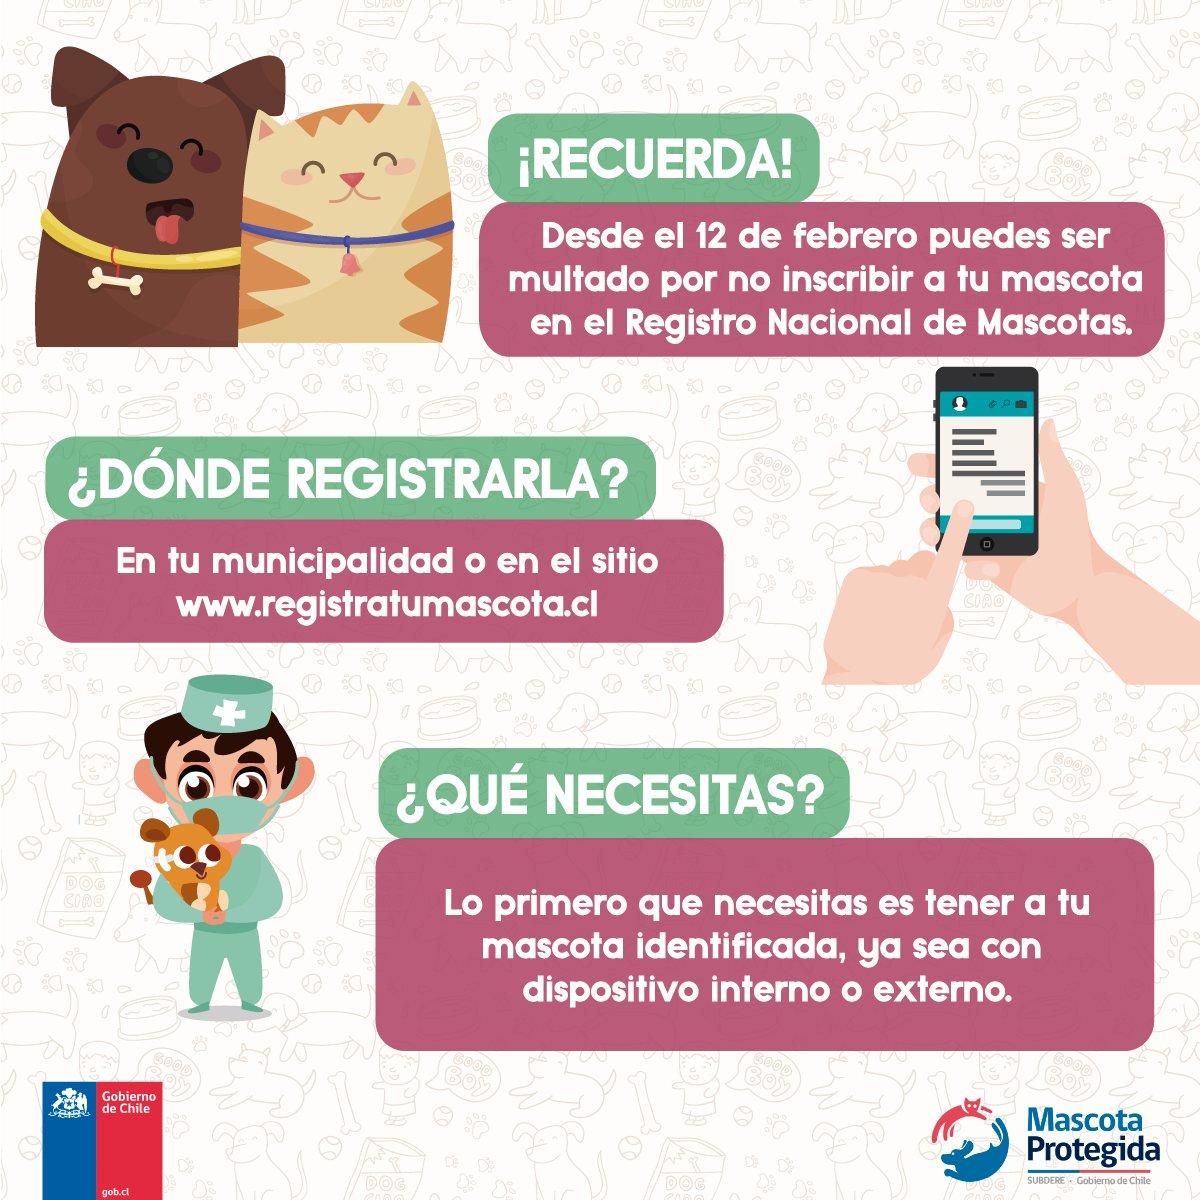 El 12 de febrero vence el plazo para inscripción de mascotas.